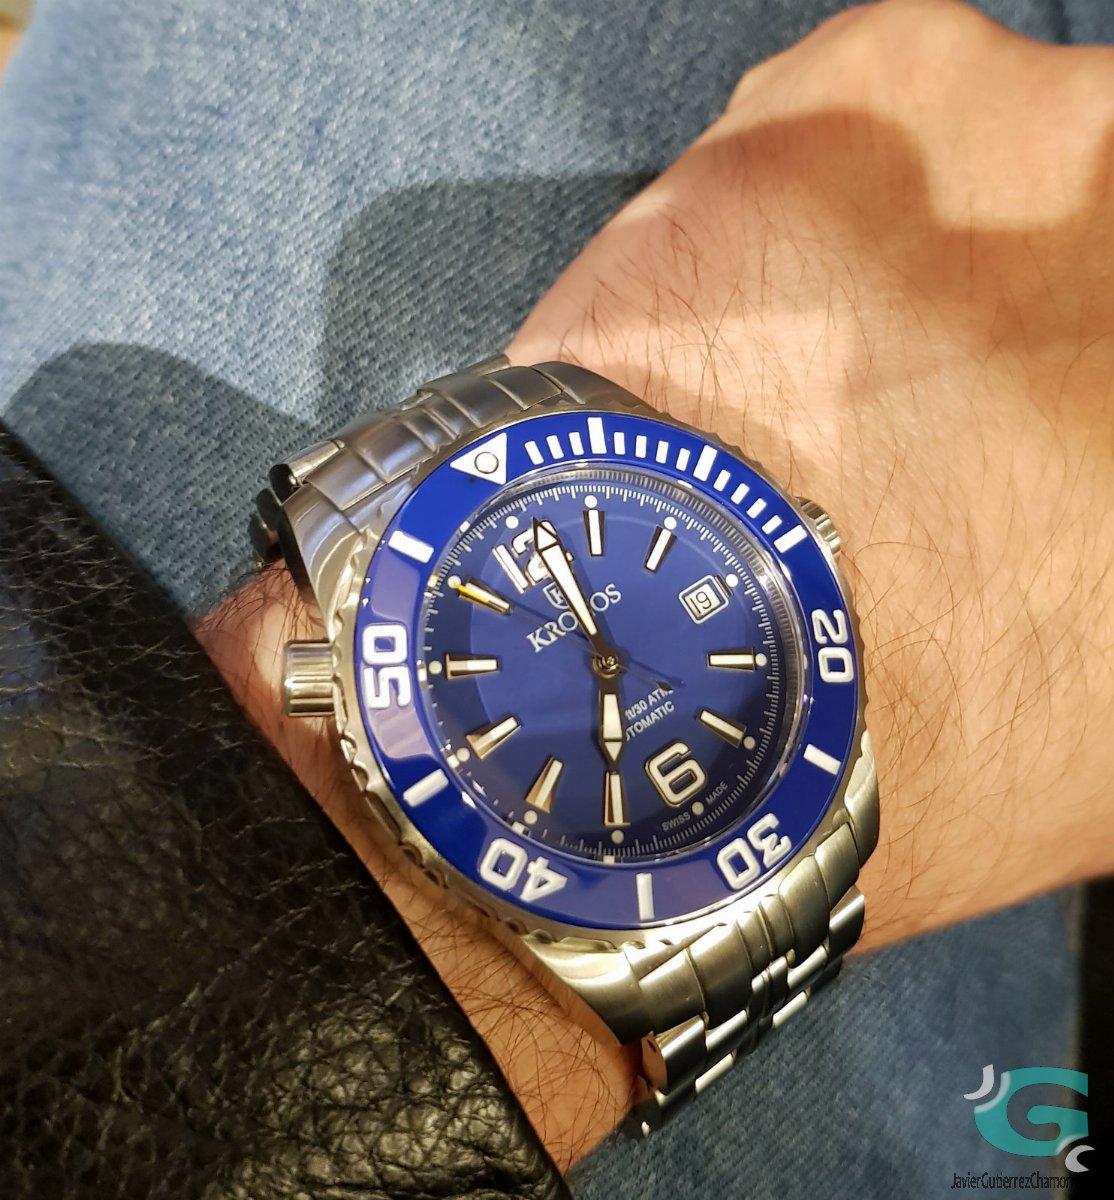 6b10da8d2a33 El fin de los relojes caros